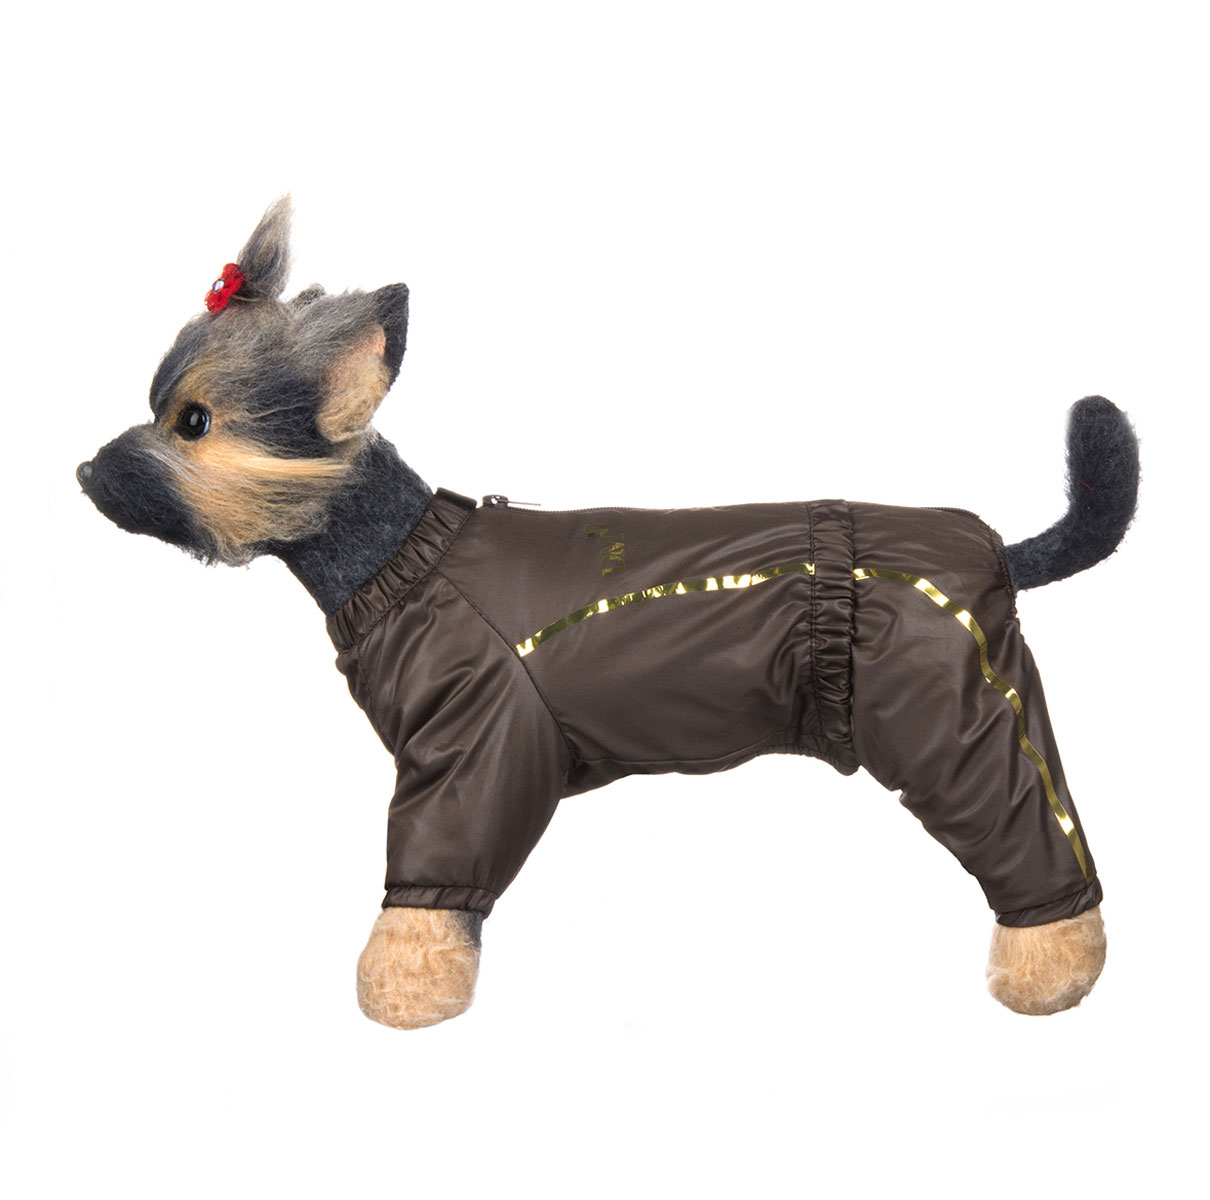 Комбинезон для собак Dogmoda Альпы, зимний, для мальчика, цвет: коричневый, бежевый. Размер 2 (M)DM-150352-2Зимний комбинезон для собак Dogmoda Альпы отлично подойдет для прогулок в зимнее время года.Комбинезон изготовлен из полиэстера, защищающего от ветра и снега, с утеплителем из синтепона, который сохранит тепло даже в сильные морозы, а на подкладке используется искусственный мех, который обеспечивает отличный воздухообмен. Комбинезон застегивается на молнию и липучку, благодаря чему его легко надевать и снимать. Ворот, низ рукавов и брючин оснащены внутренними резинками, которые мягко обхватывают шею и лапки, не позволяя просачиваться холодному воздуху. На пояснице имеется внутренняя резинка. Изделие декорировано золотистыми полосками и надписью DM.Благодаря такому комбинезону простуда не грозит вашему питомцу и он сможет испытать не сравнимое удовольствие от снежных игр и забав.